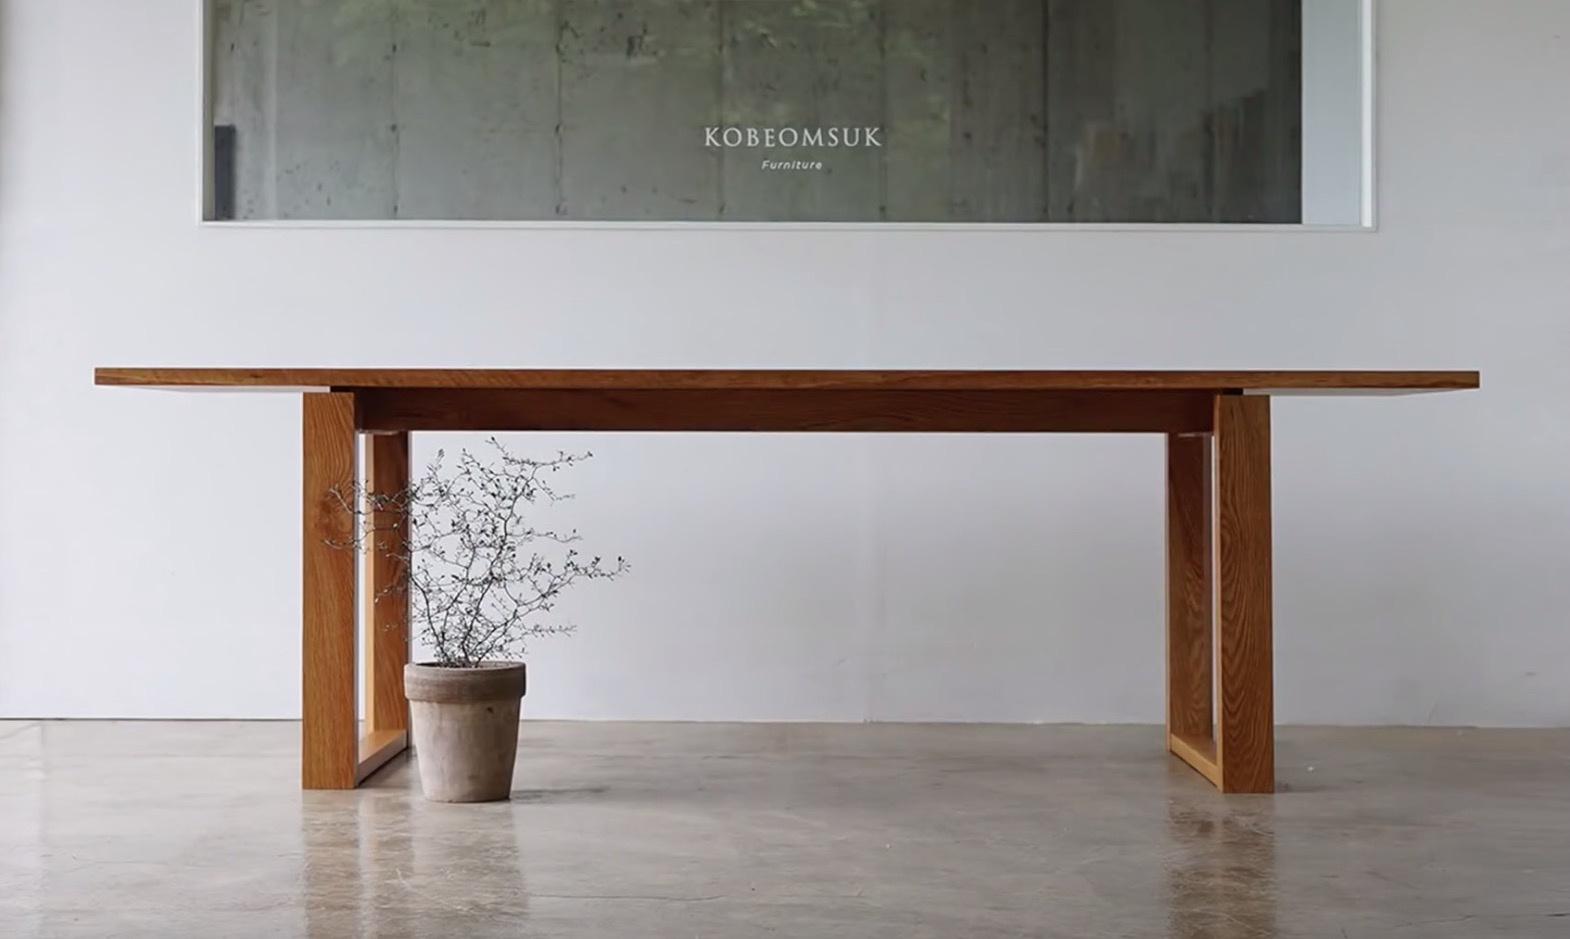 简约的白橡木条桌 | 木工制作视频